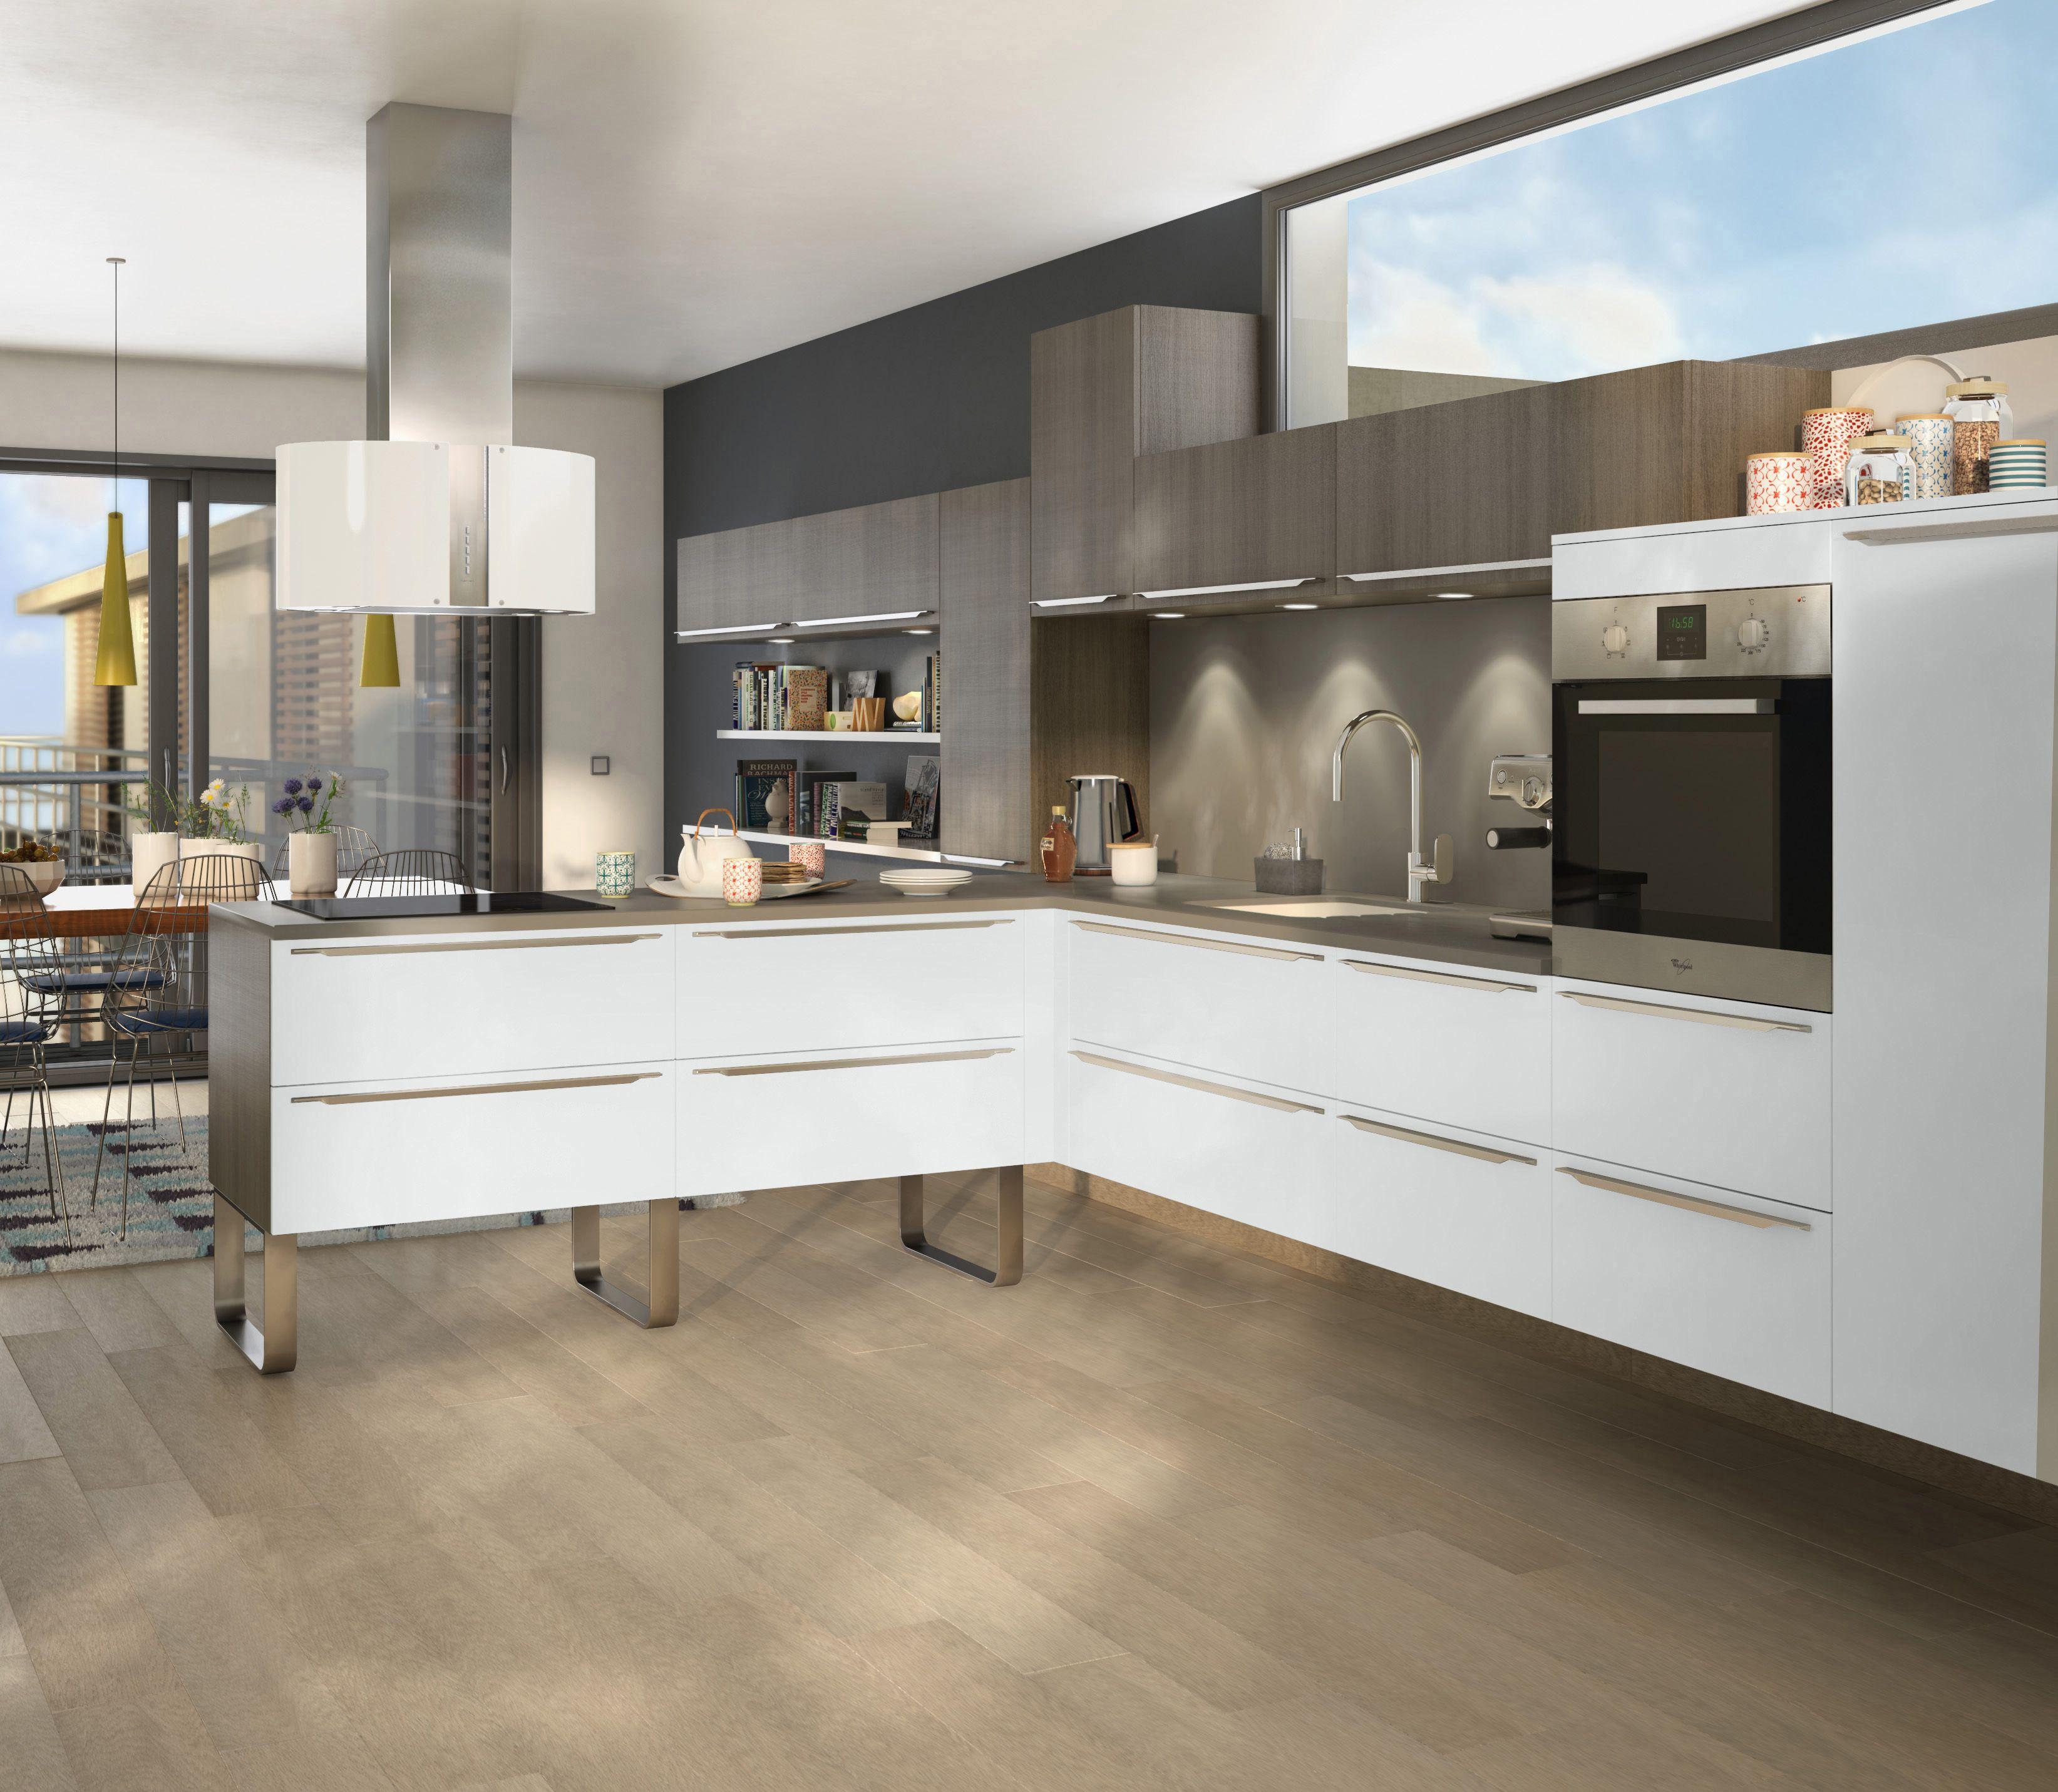 Cuisine Eyre Orme Gris Et Blanc Brillant Le Modele Eyre Vous Offre Une Solution Design Et Contempor Meuble Cuisine Meubles De Cuisine Noirs Cuisine Elegante